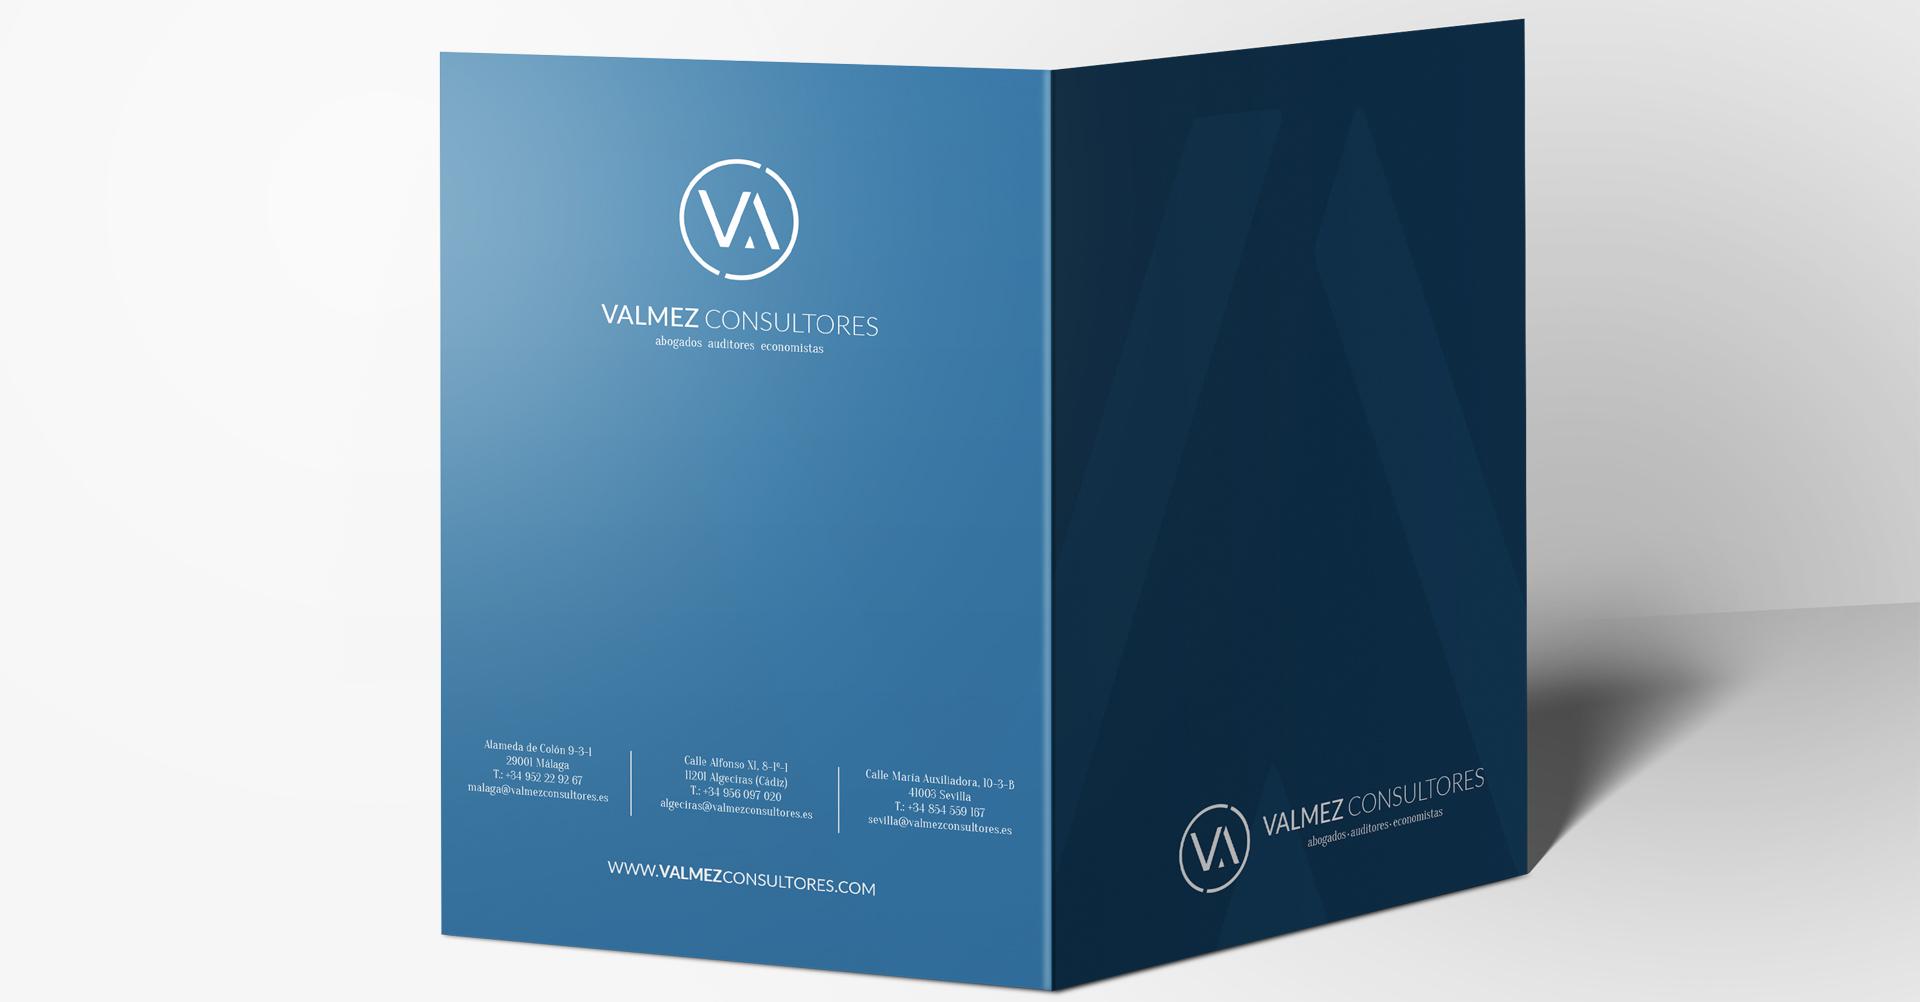 Valmez Consultores | Carpetas